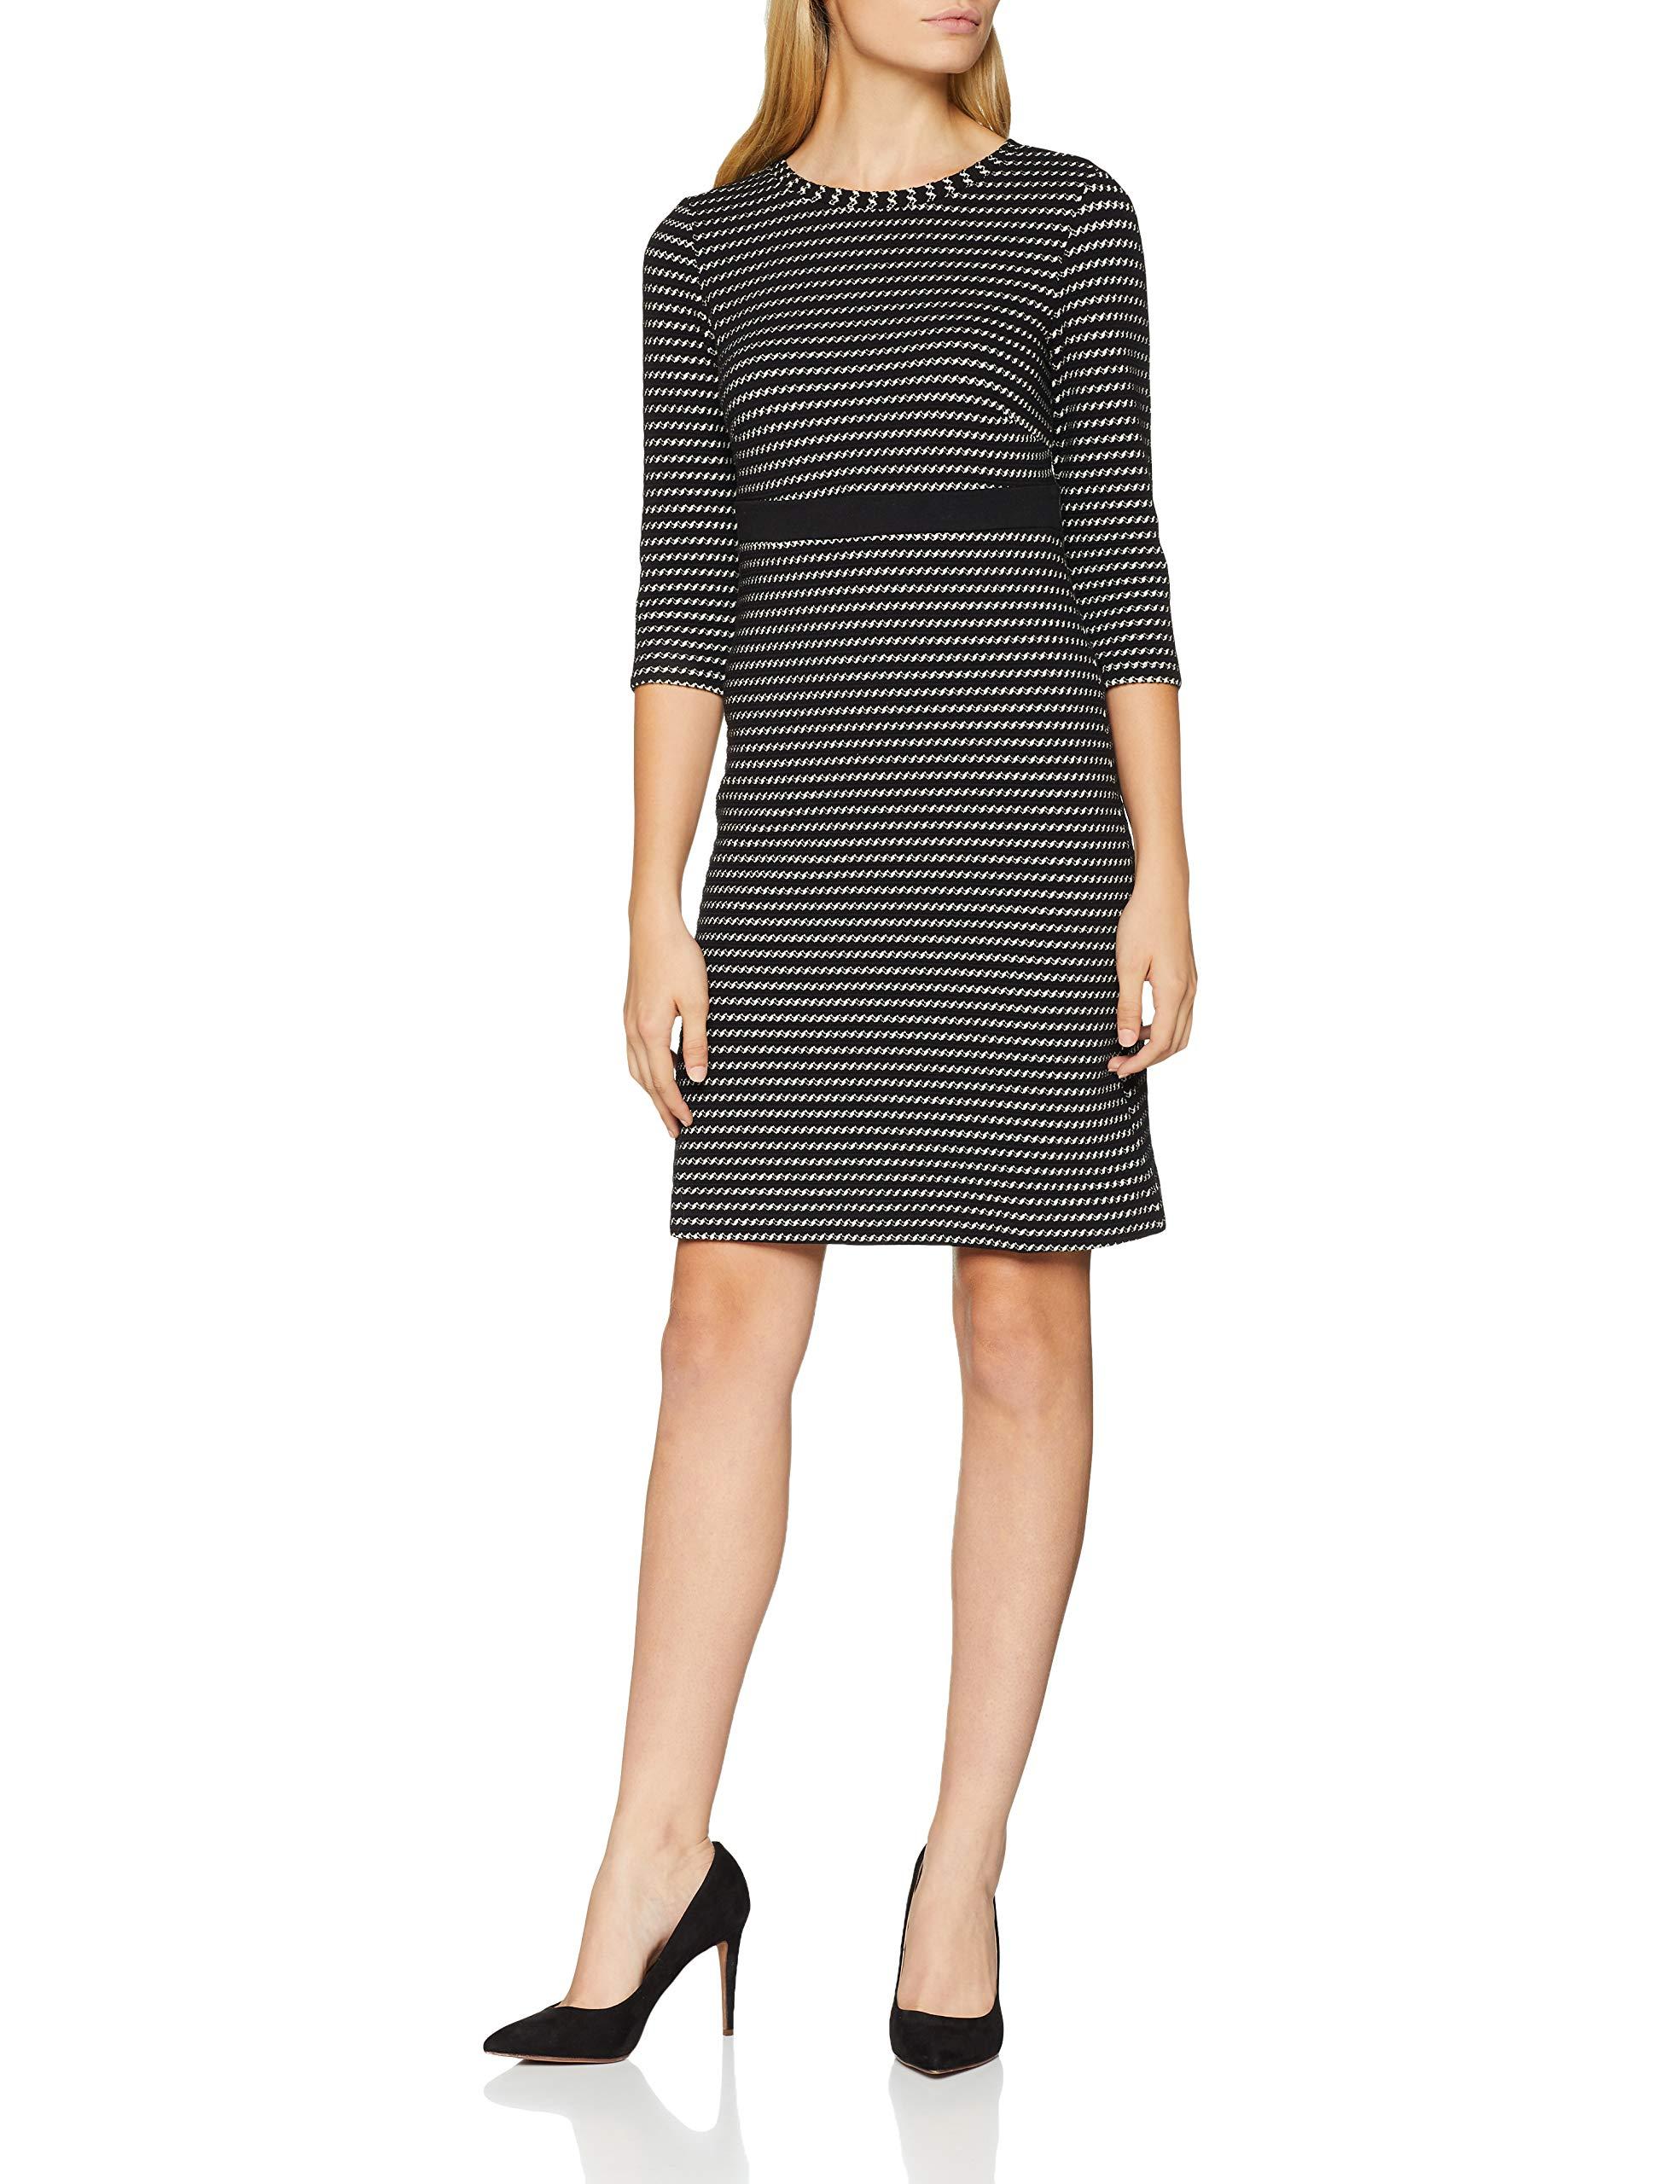 Moreamp; 279038 RobeMehrfarbigblack 2 Color Wirk Femme Kleid P08nkNOXw